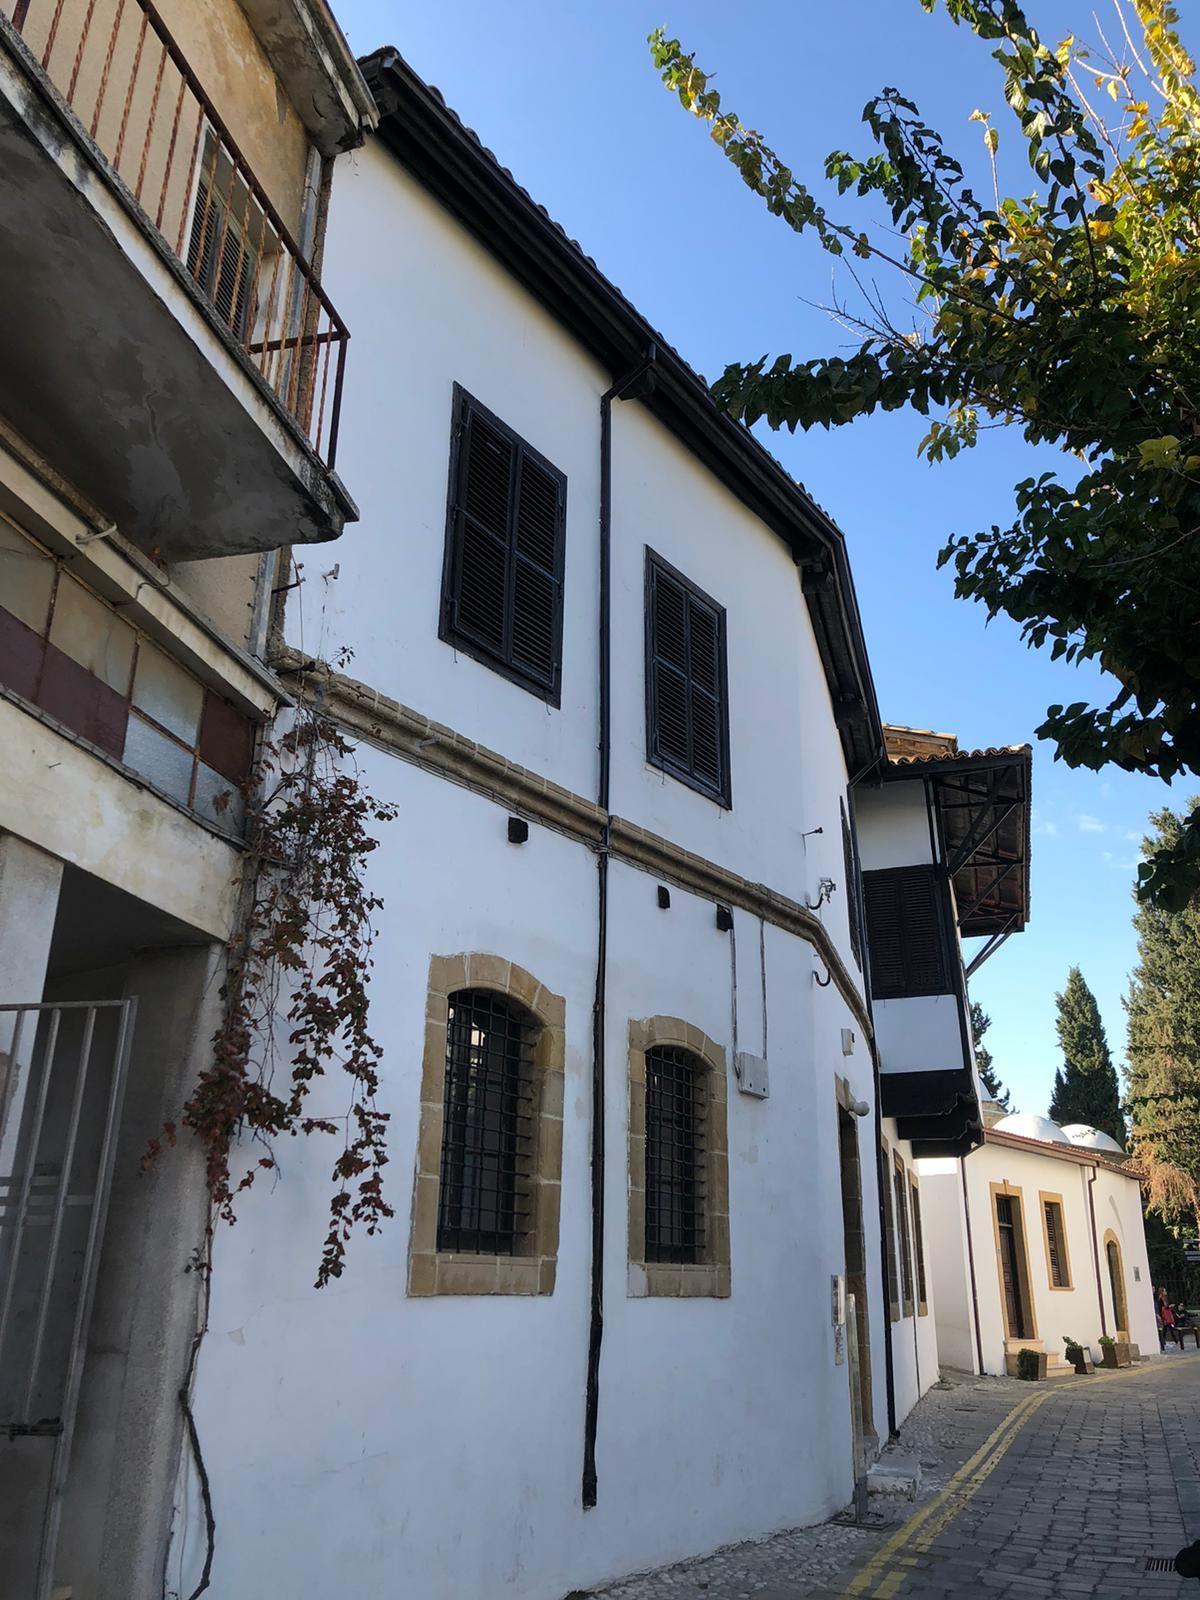 Sayım Çınar'ın Kıbrıs izlenimleri: Rotam bahar - Sayfa:1